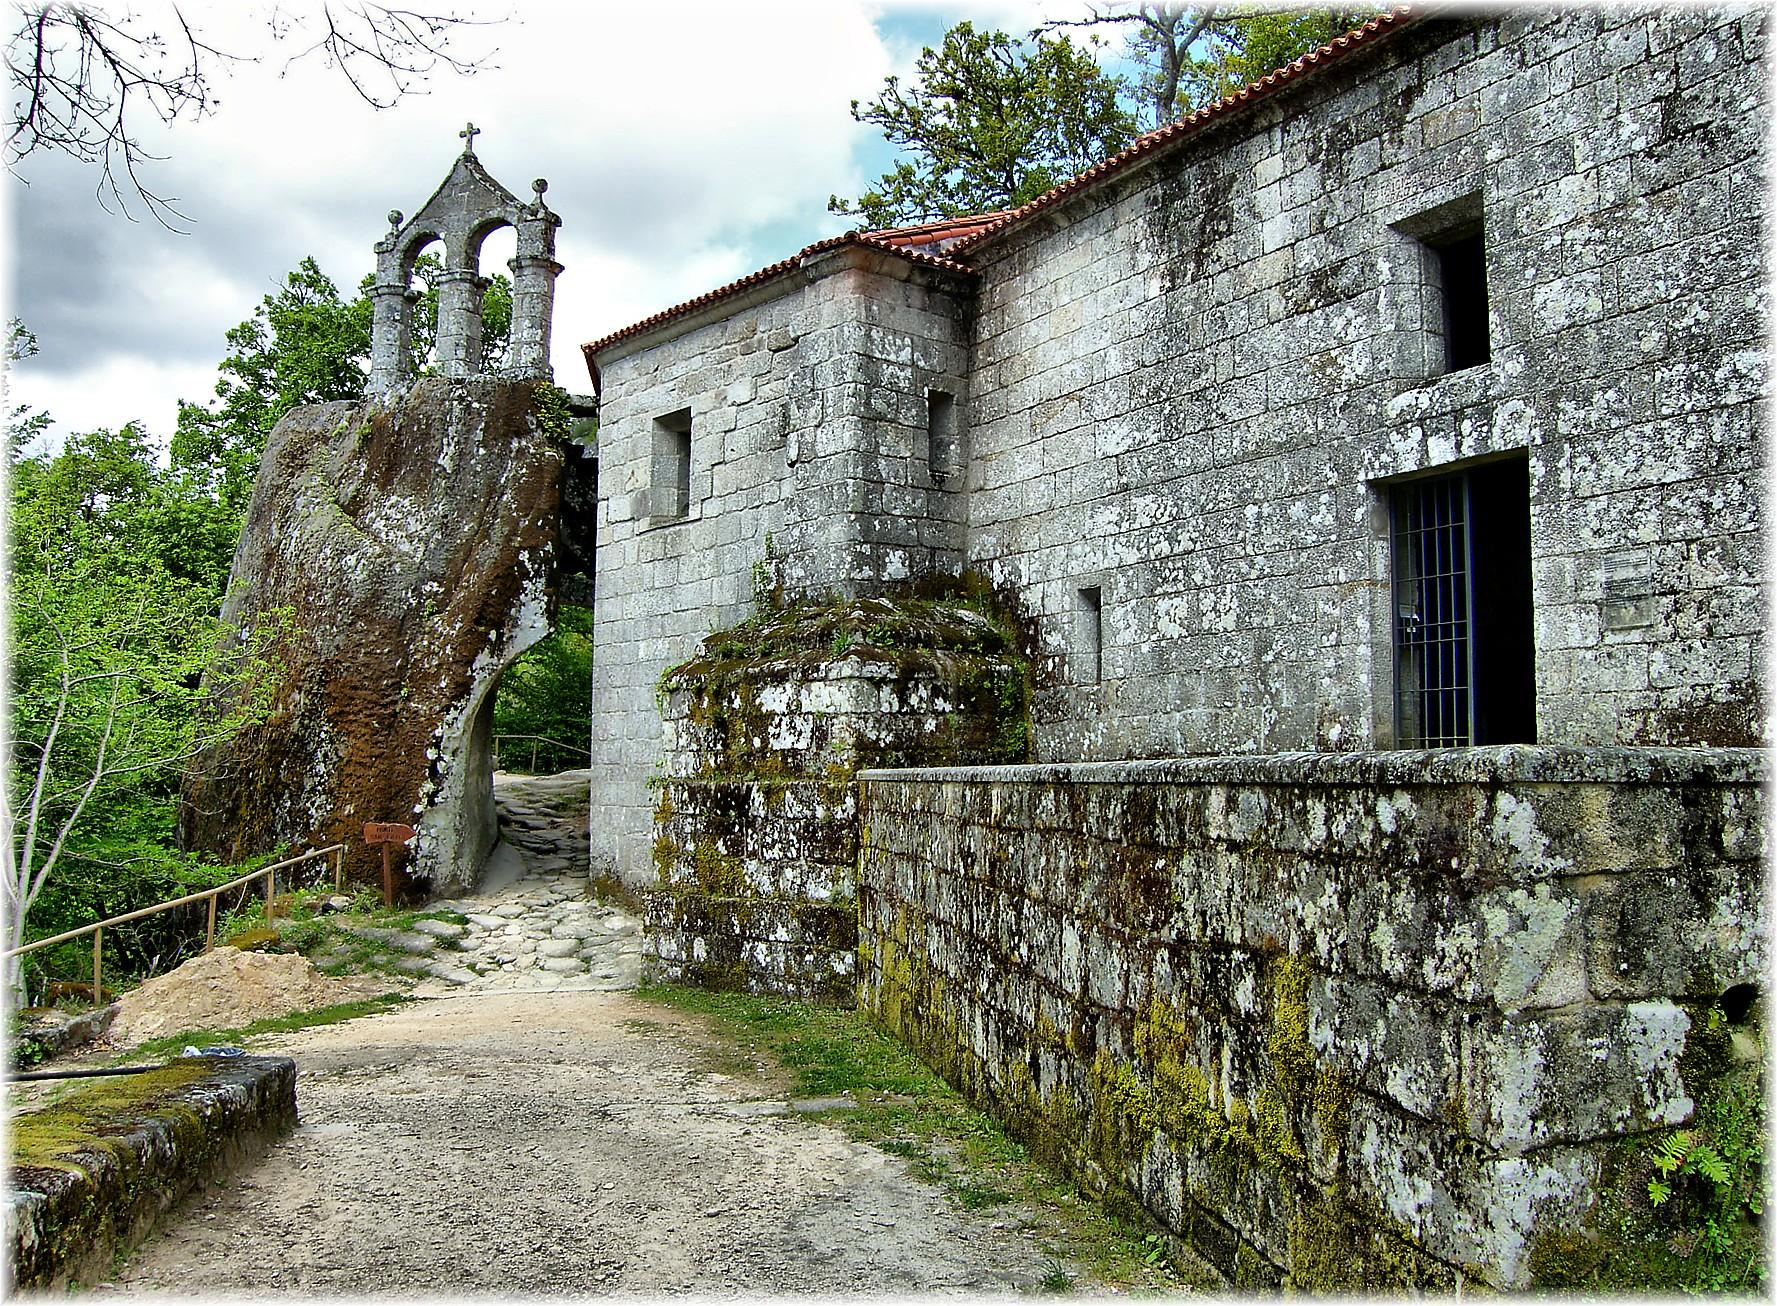 Abbey of San Pedro de Rochas, in Esgos